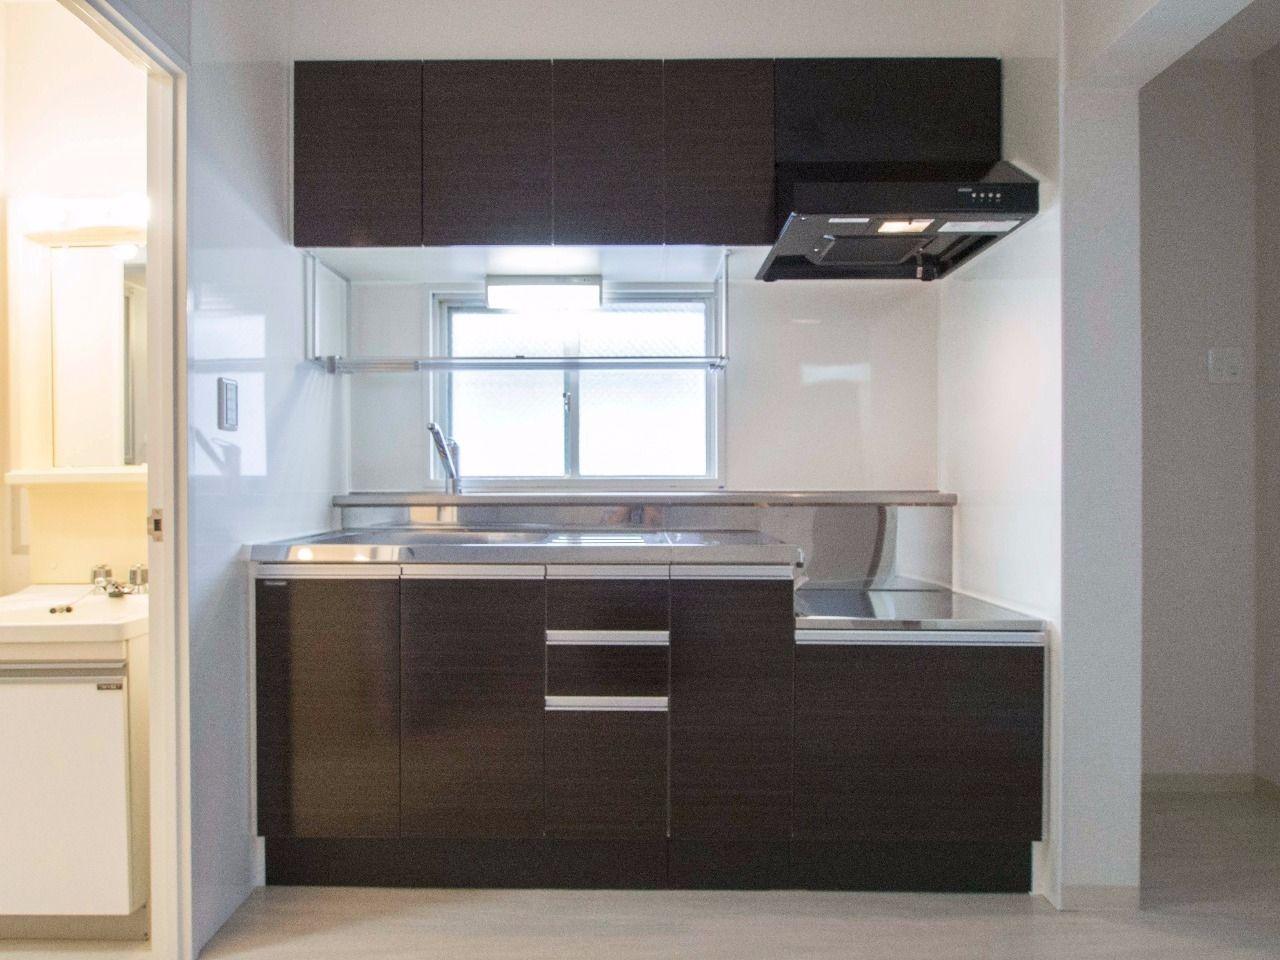 新しく入替えたガスコンロ対応キッチン(都市ガス)